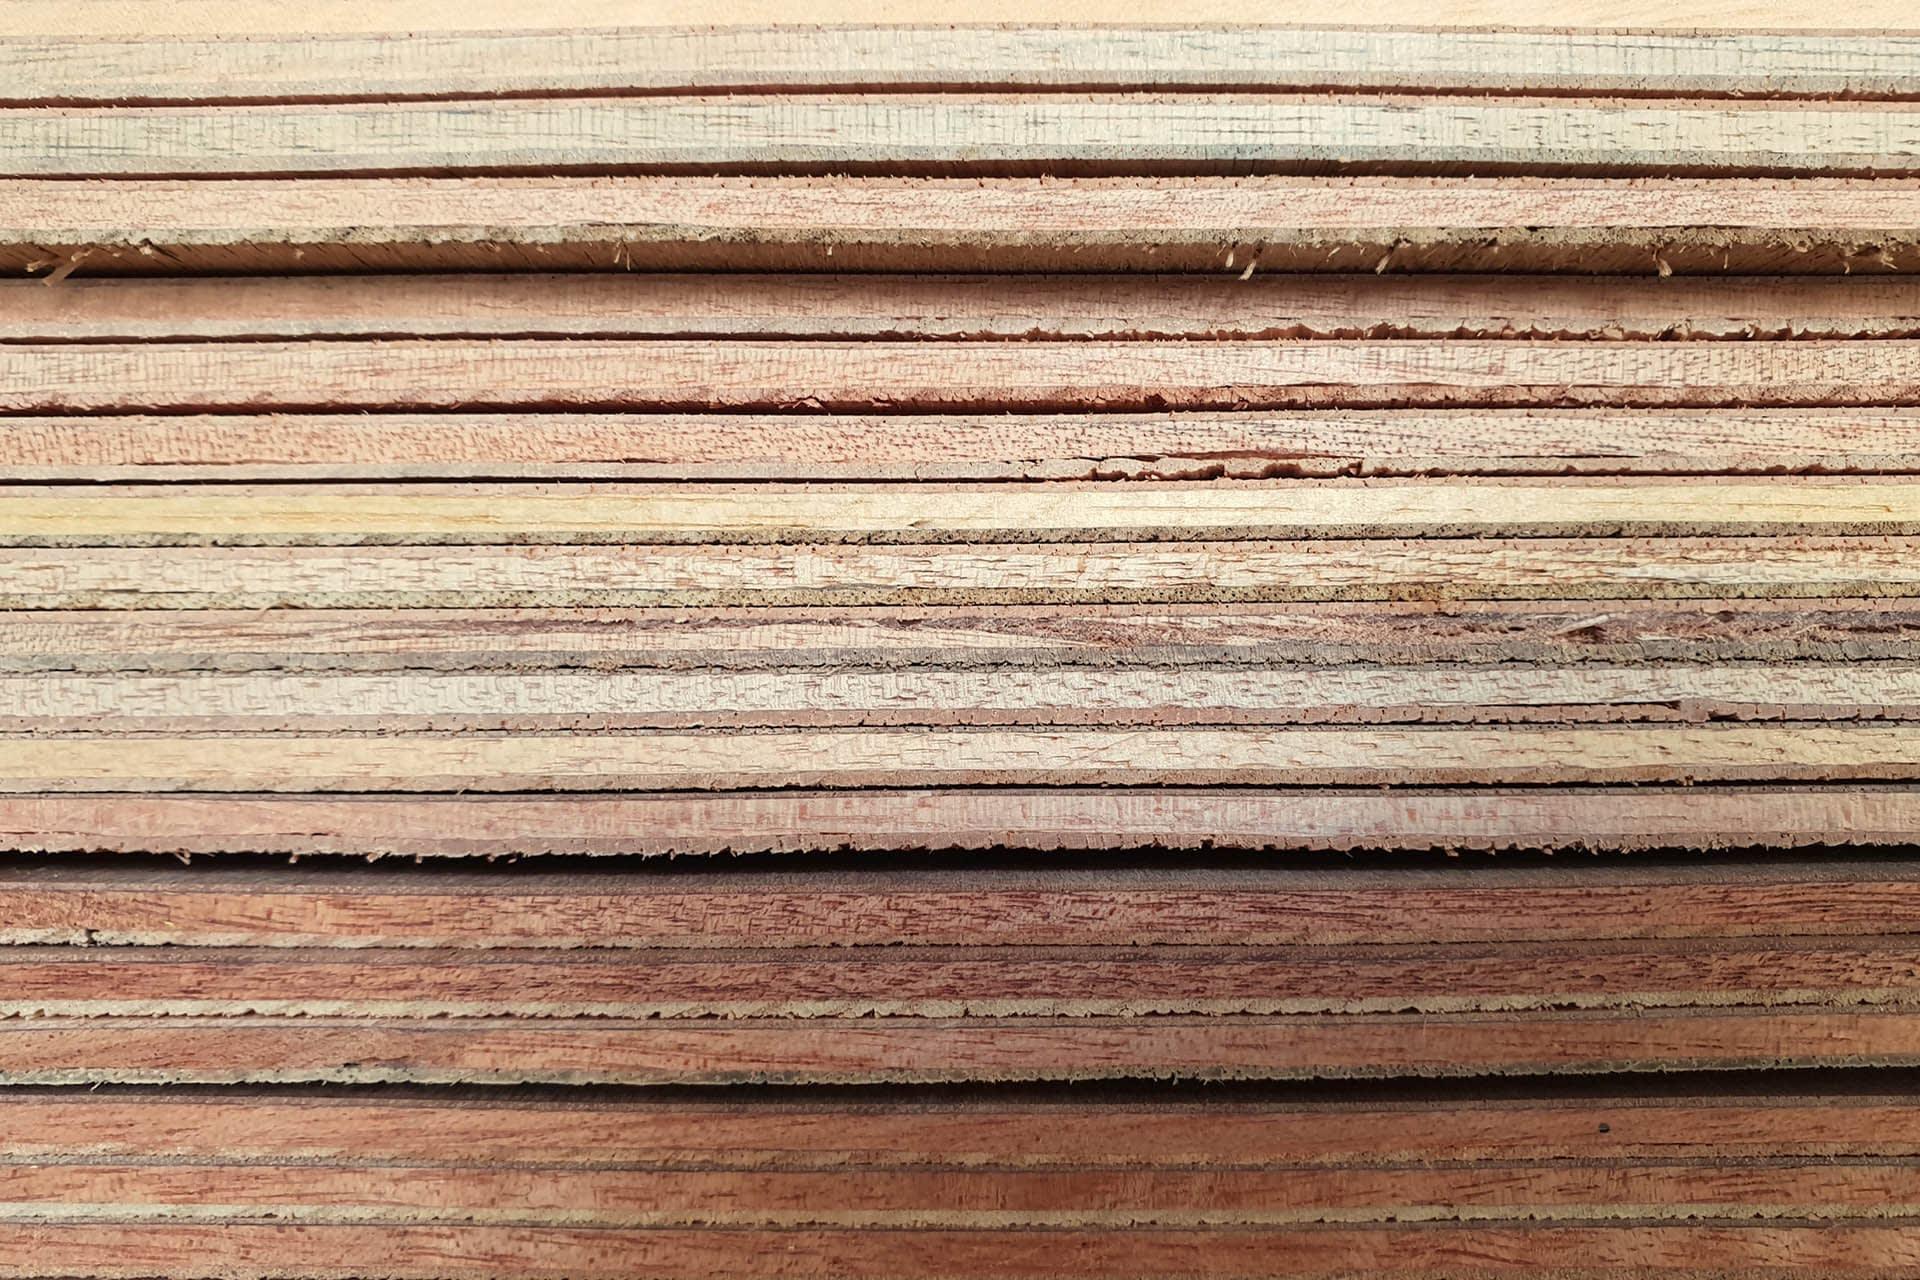 Hardboard sheets stacked sides - sheet materials